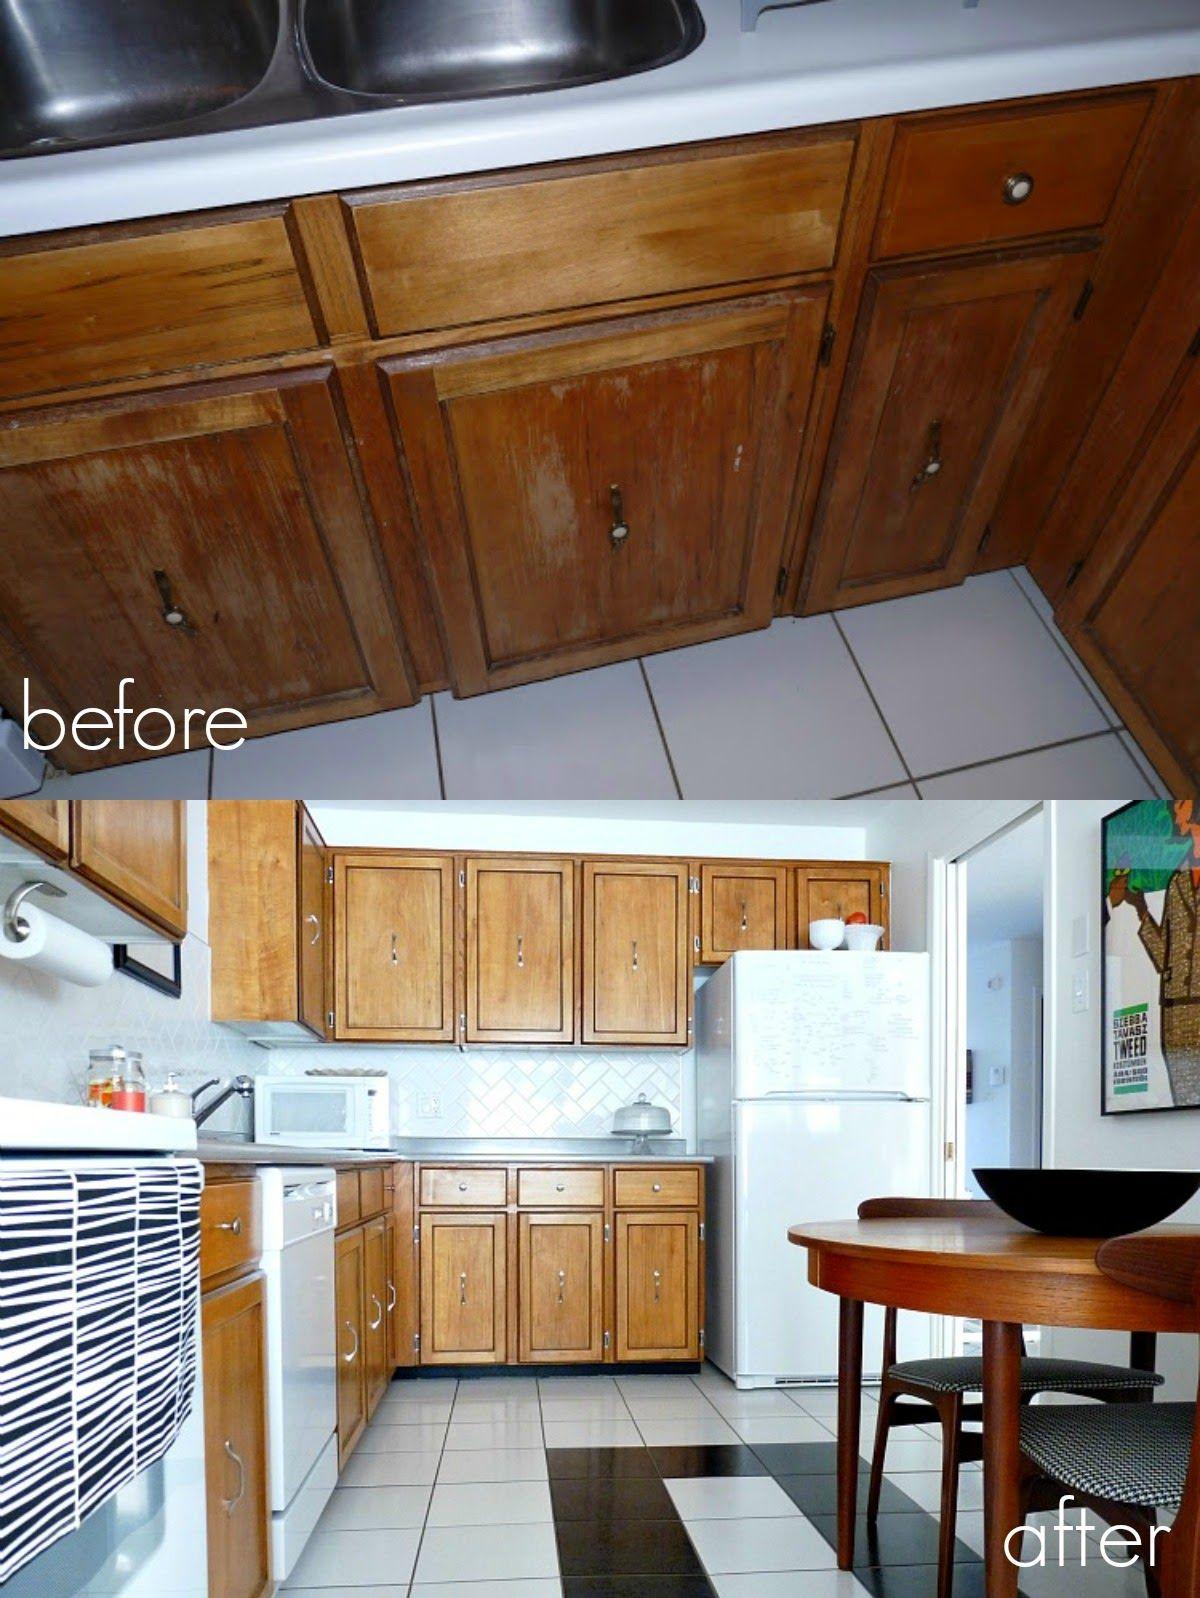 Ausgezeichnet Ideen Für Refacing Küchenschranktüren Fotos ...